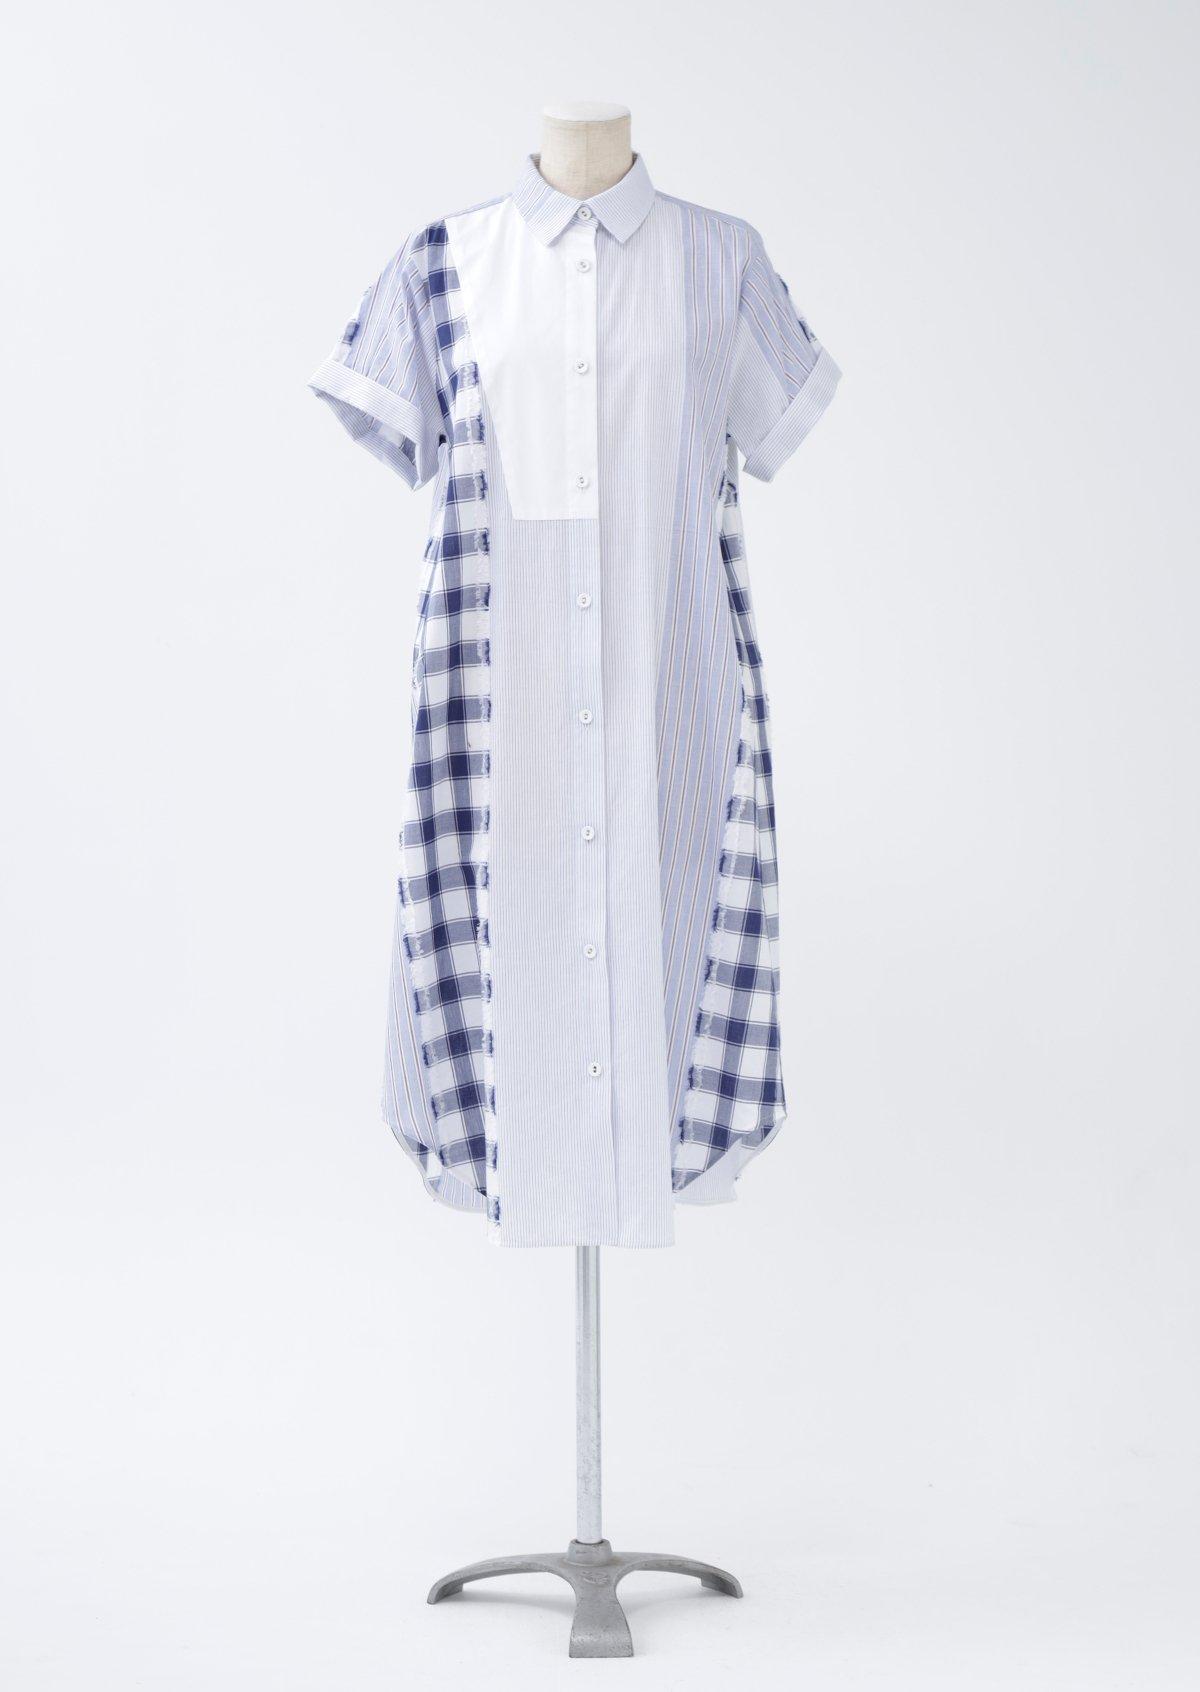 ディッキーシャツドレス